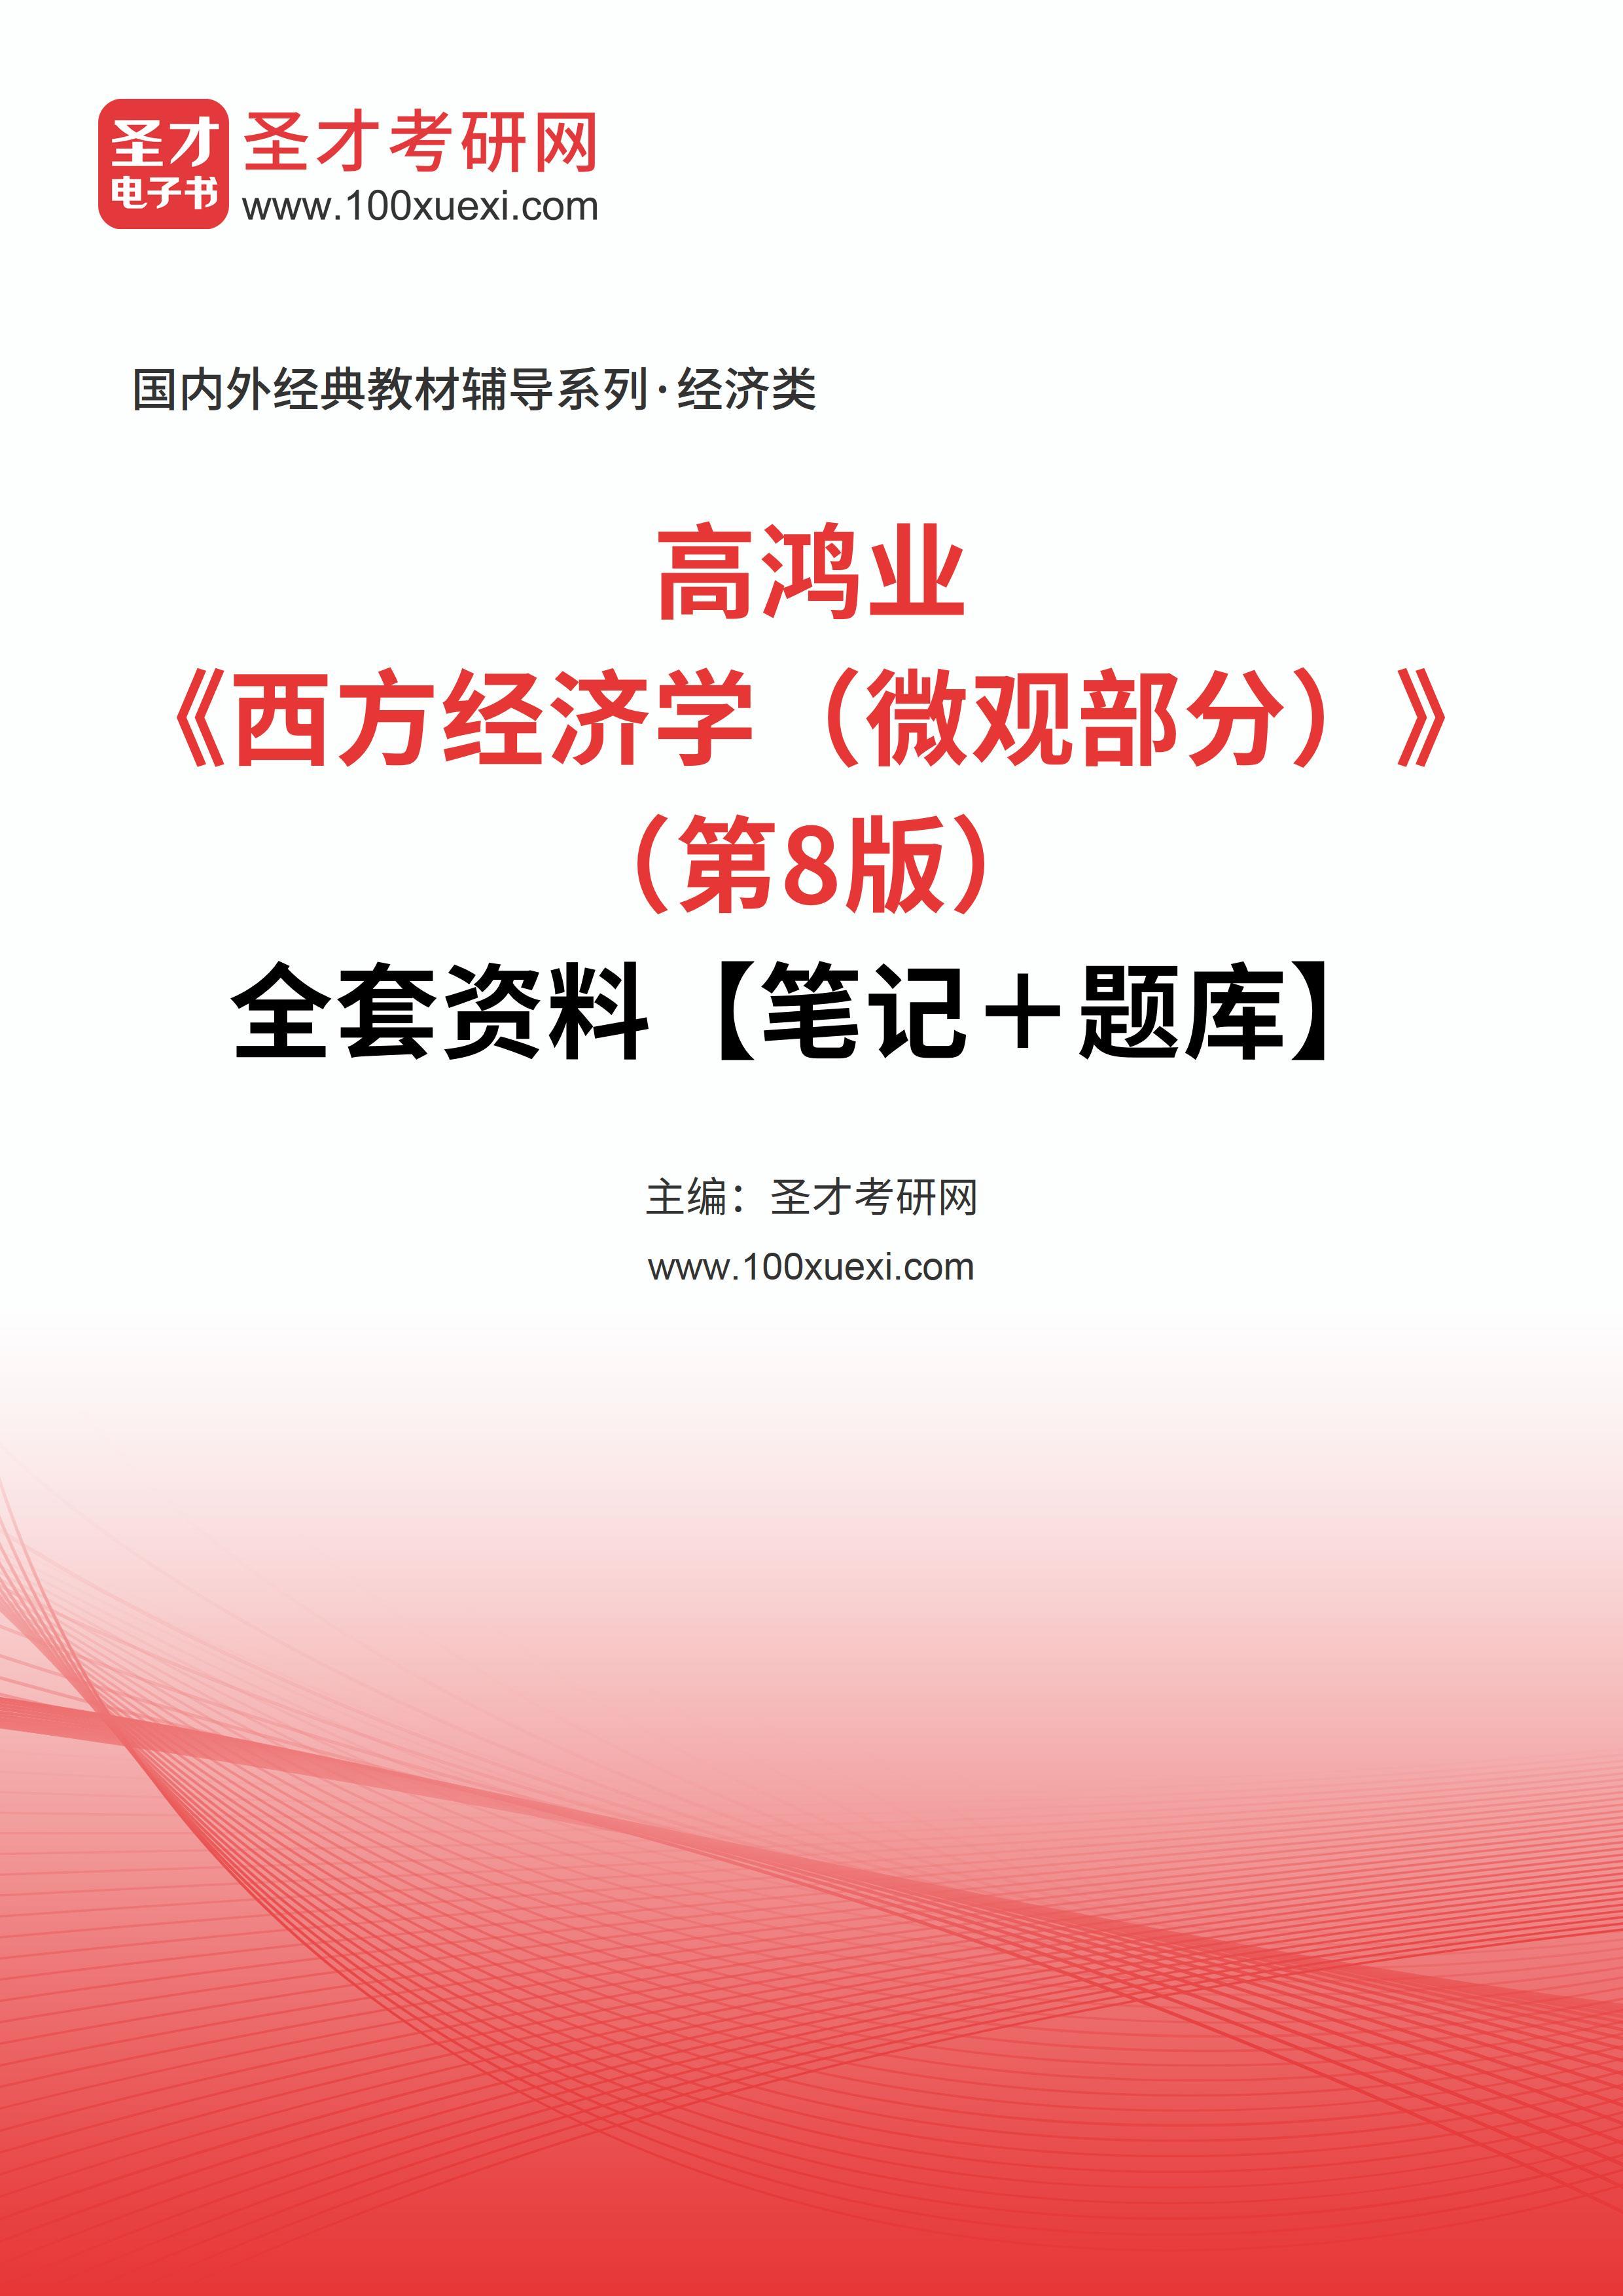 高鸿业《西方经济学(微观部分)》(第8版)全套资料【笔记+题库】